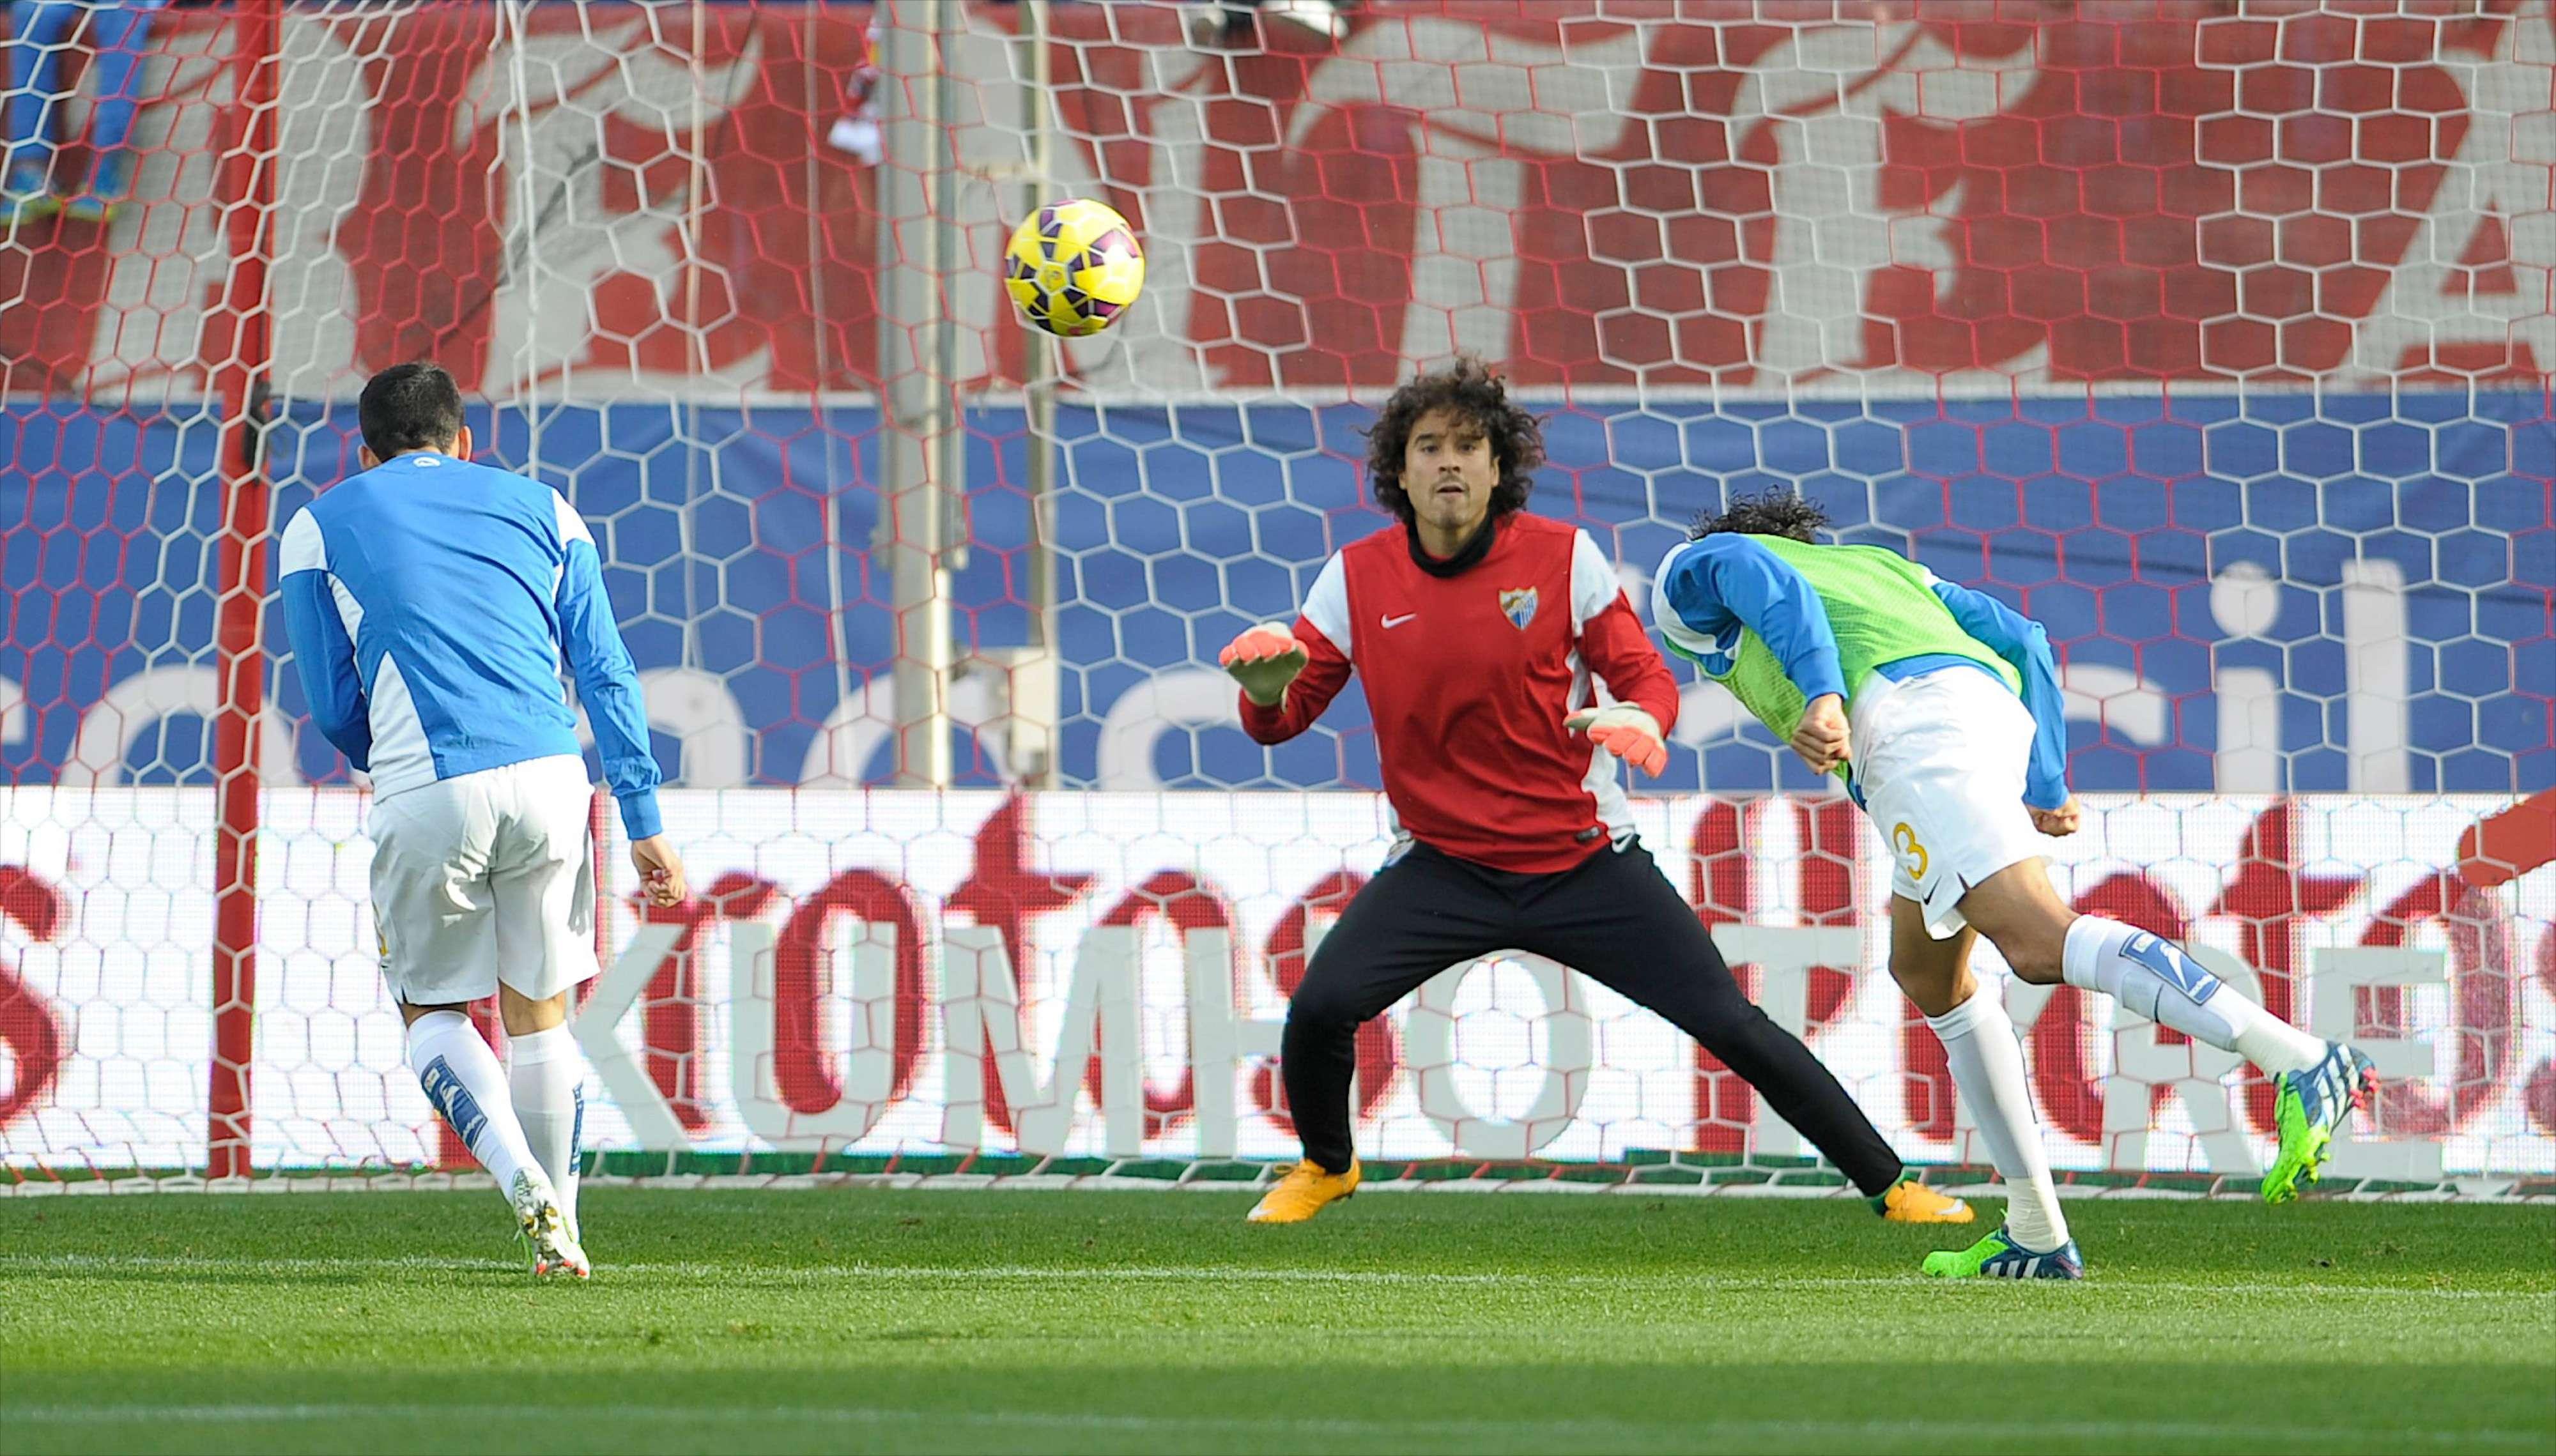 Raúl Jiménez al menos tuvo unos minutos en el triunfo de Atlético de Madrid sobre Málaga, en tanto que Memo Ochoa fue un espectador más desde la banca Foto: Mexsport